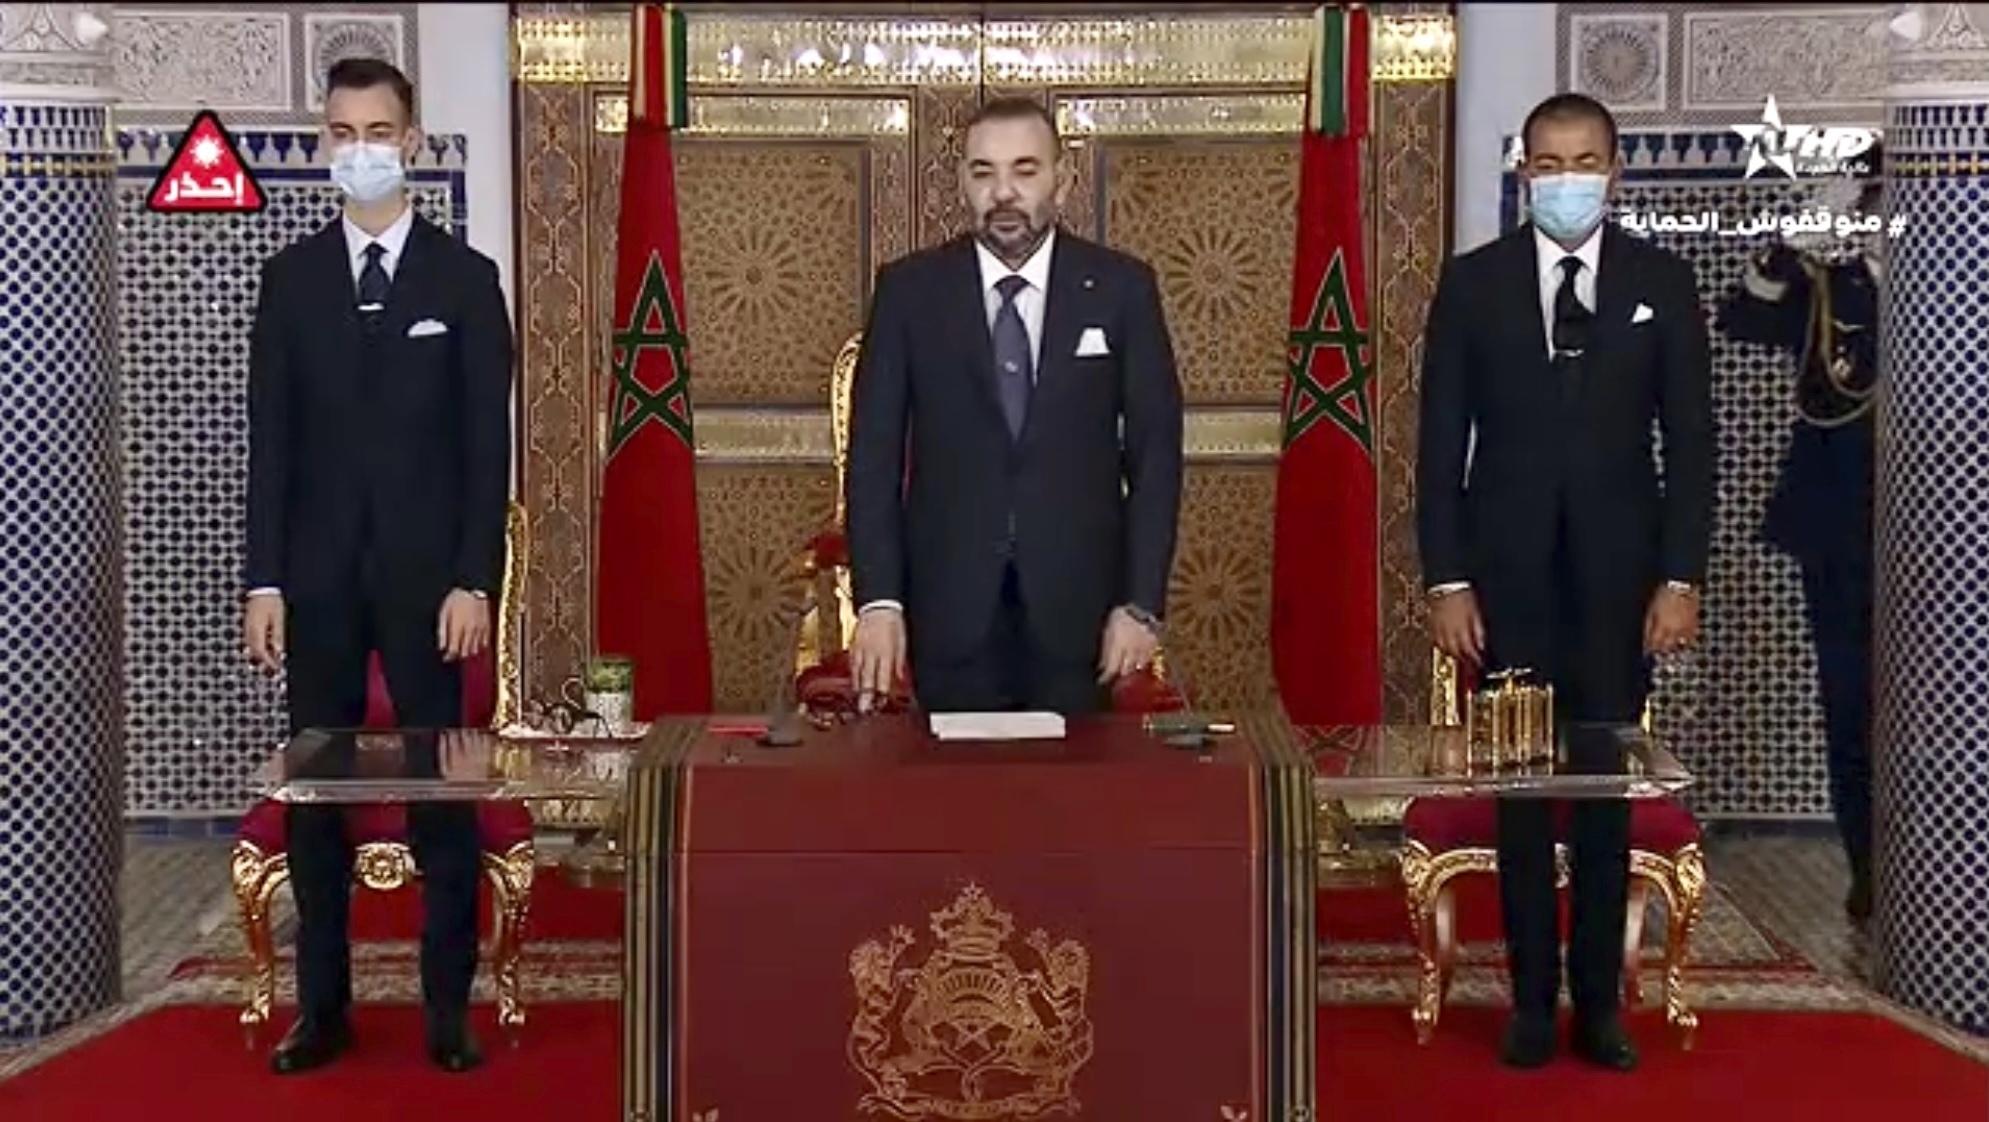 El rey, Mohamed VI, al inicio de su discurso, acompañado de Mulay Hasan y Mulay Rachid.